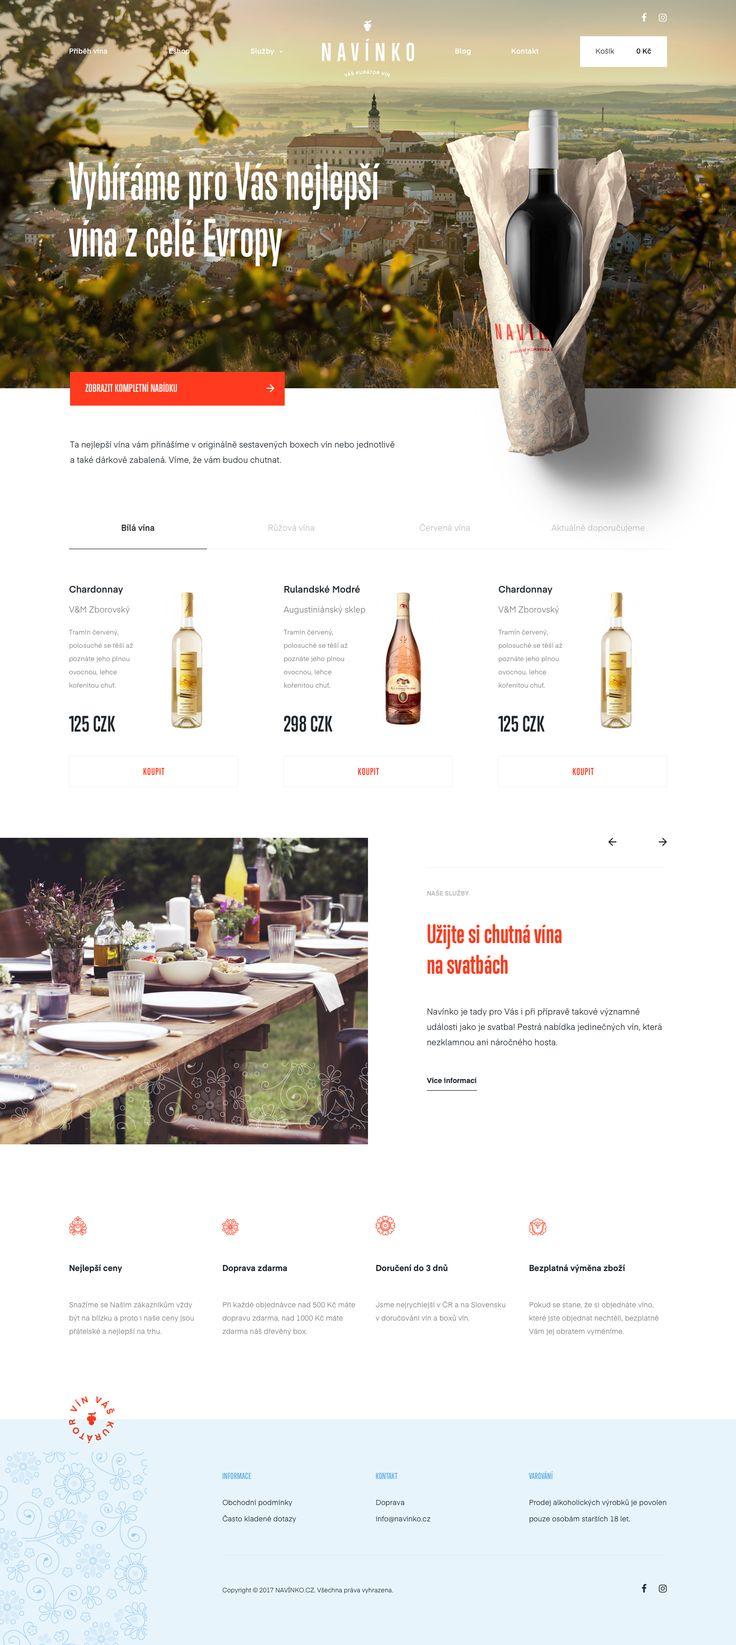 Homepage 1x